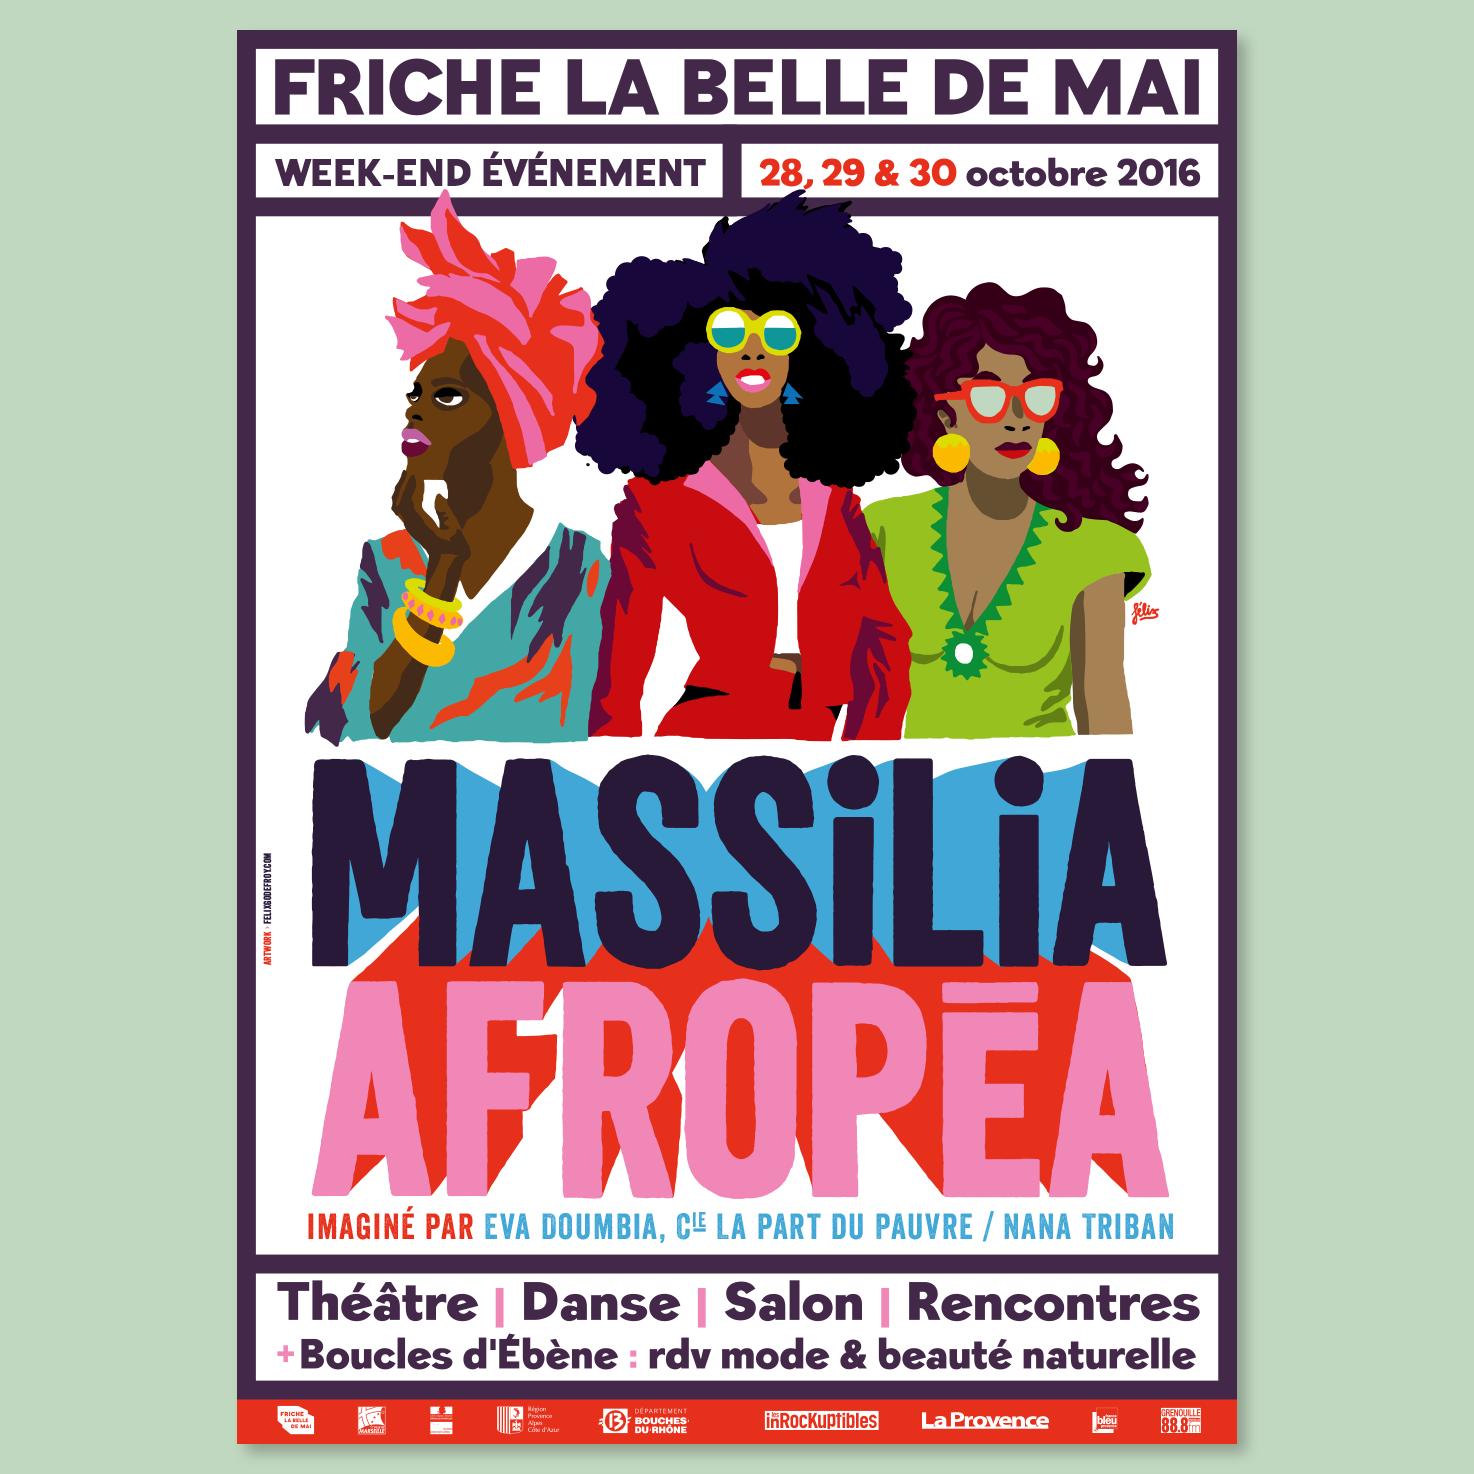 AFFICHE-Afropea-Felix-WEB_2